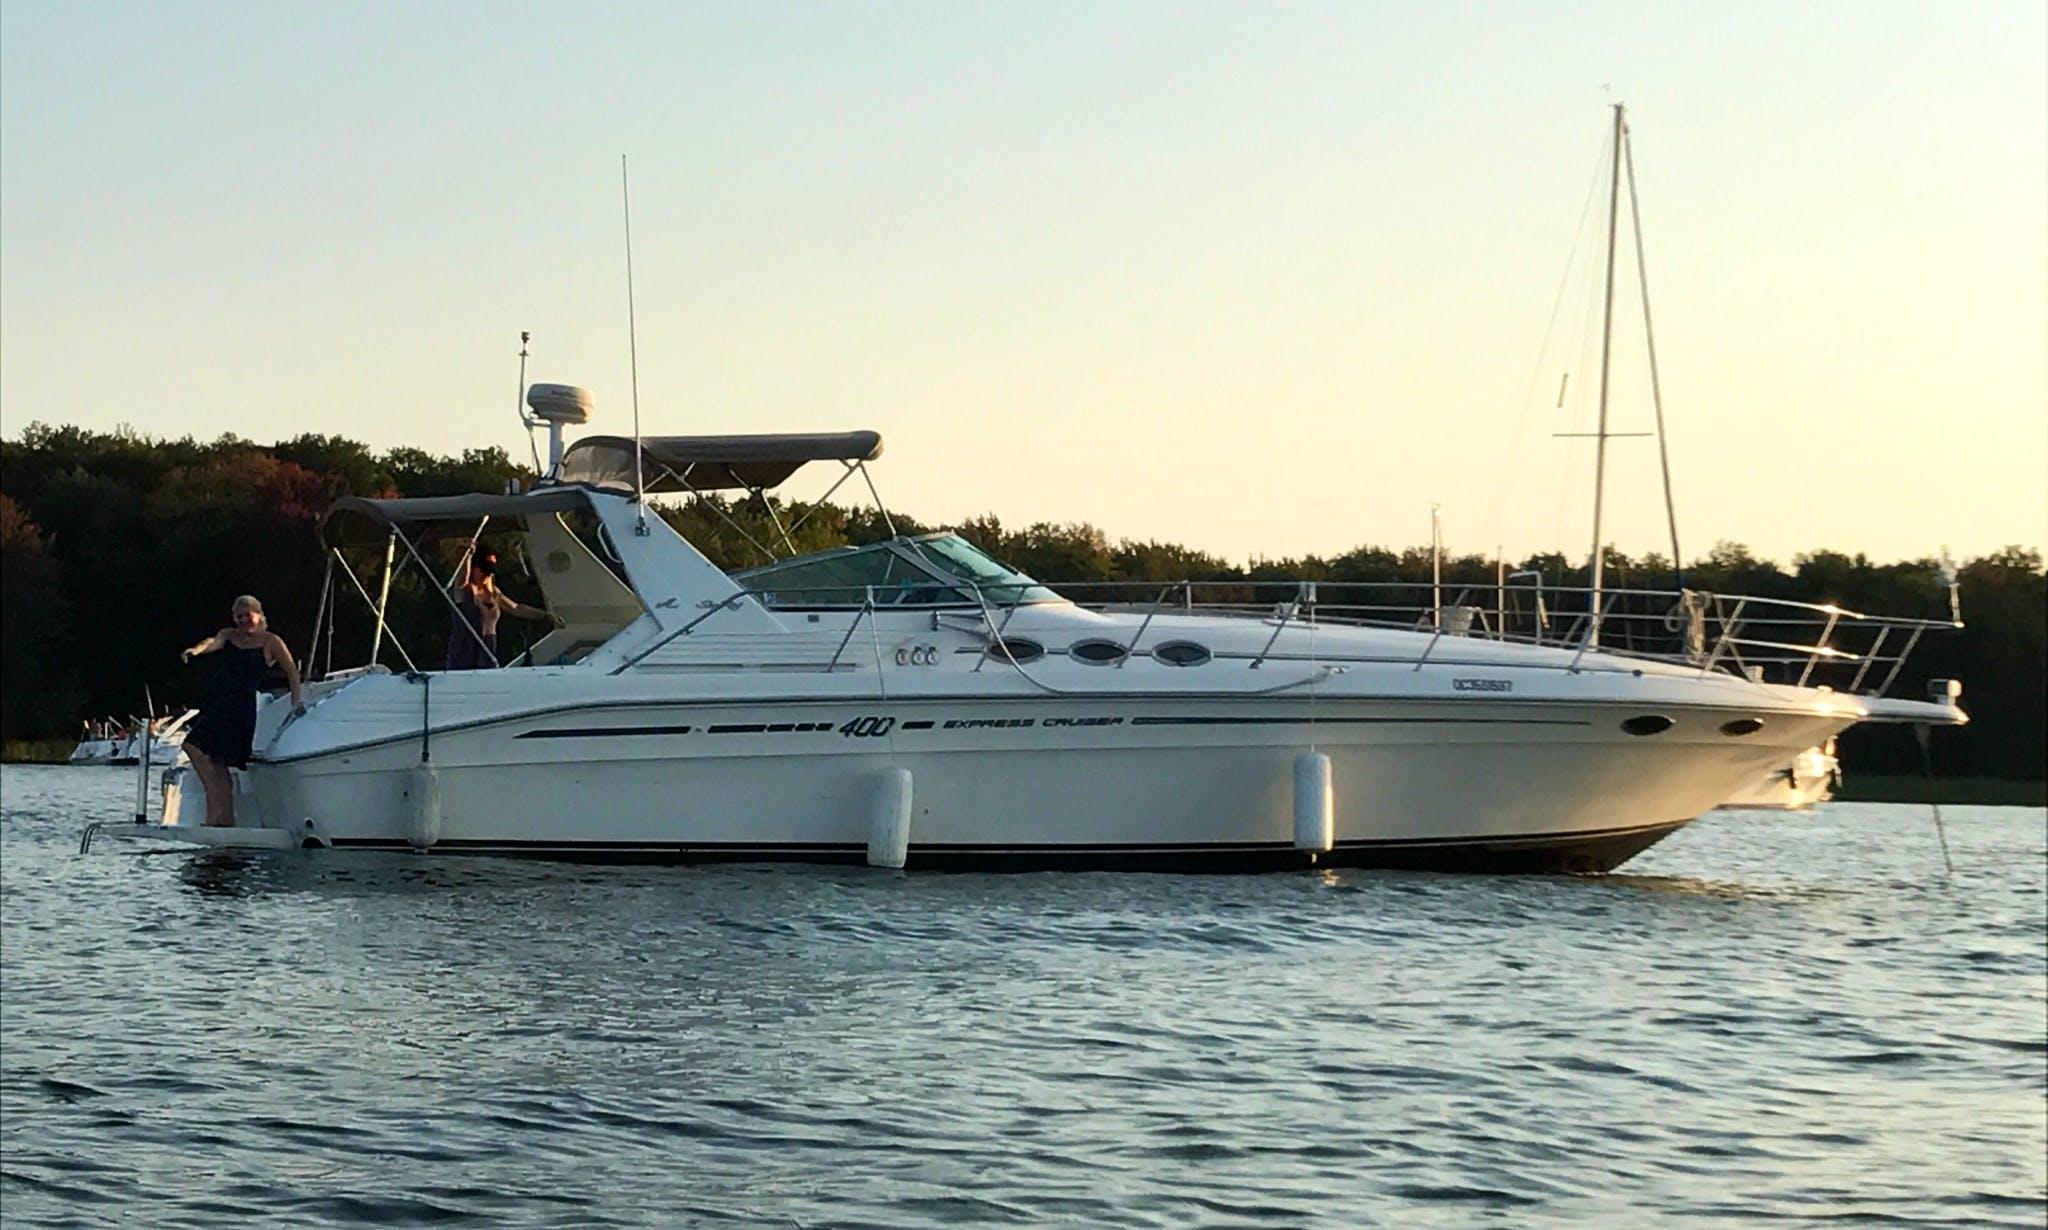 Motor Yacht rental in Sainte-Anne-de-Bellevue